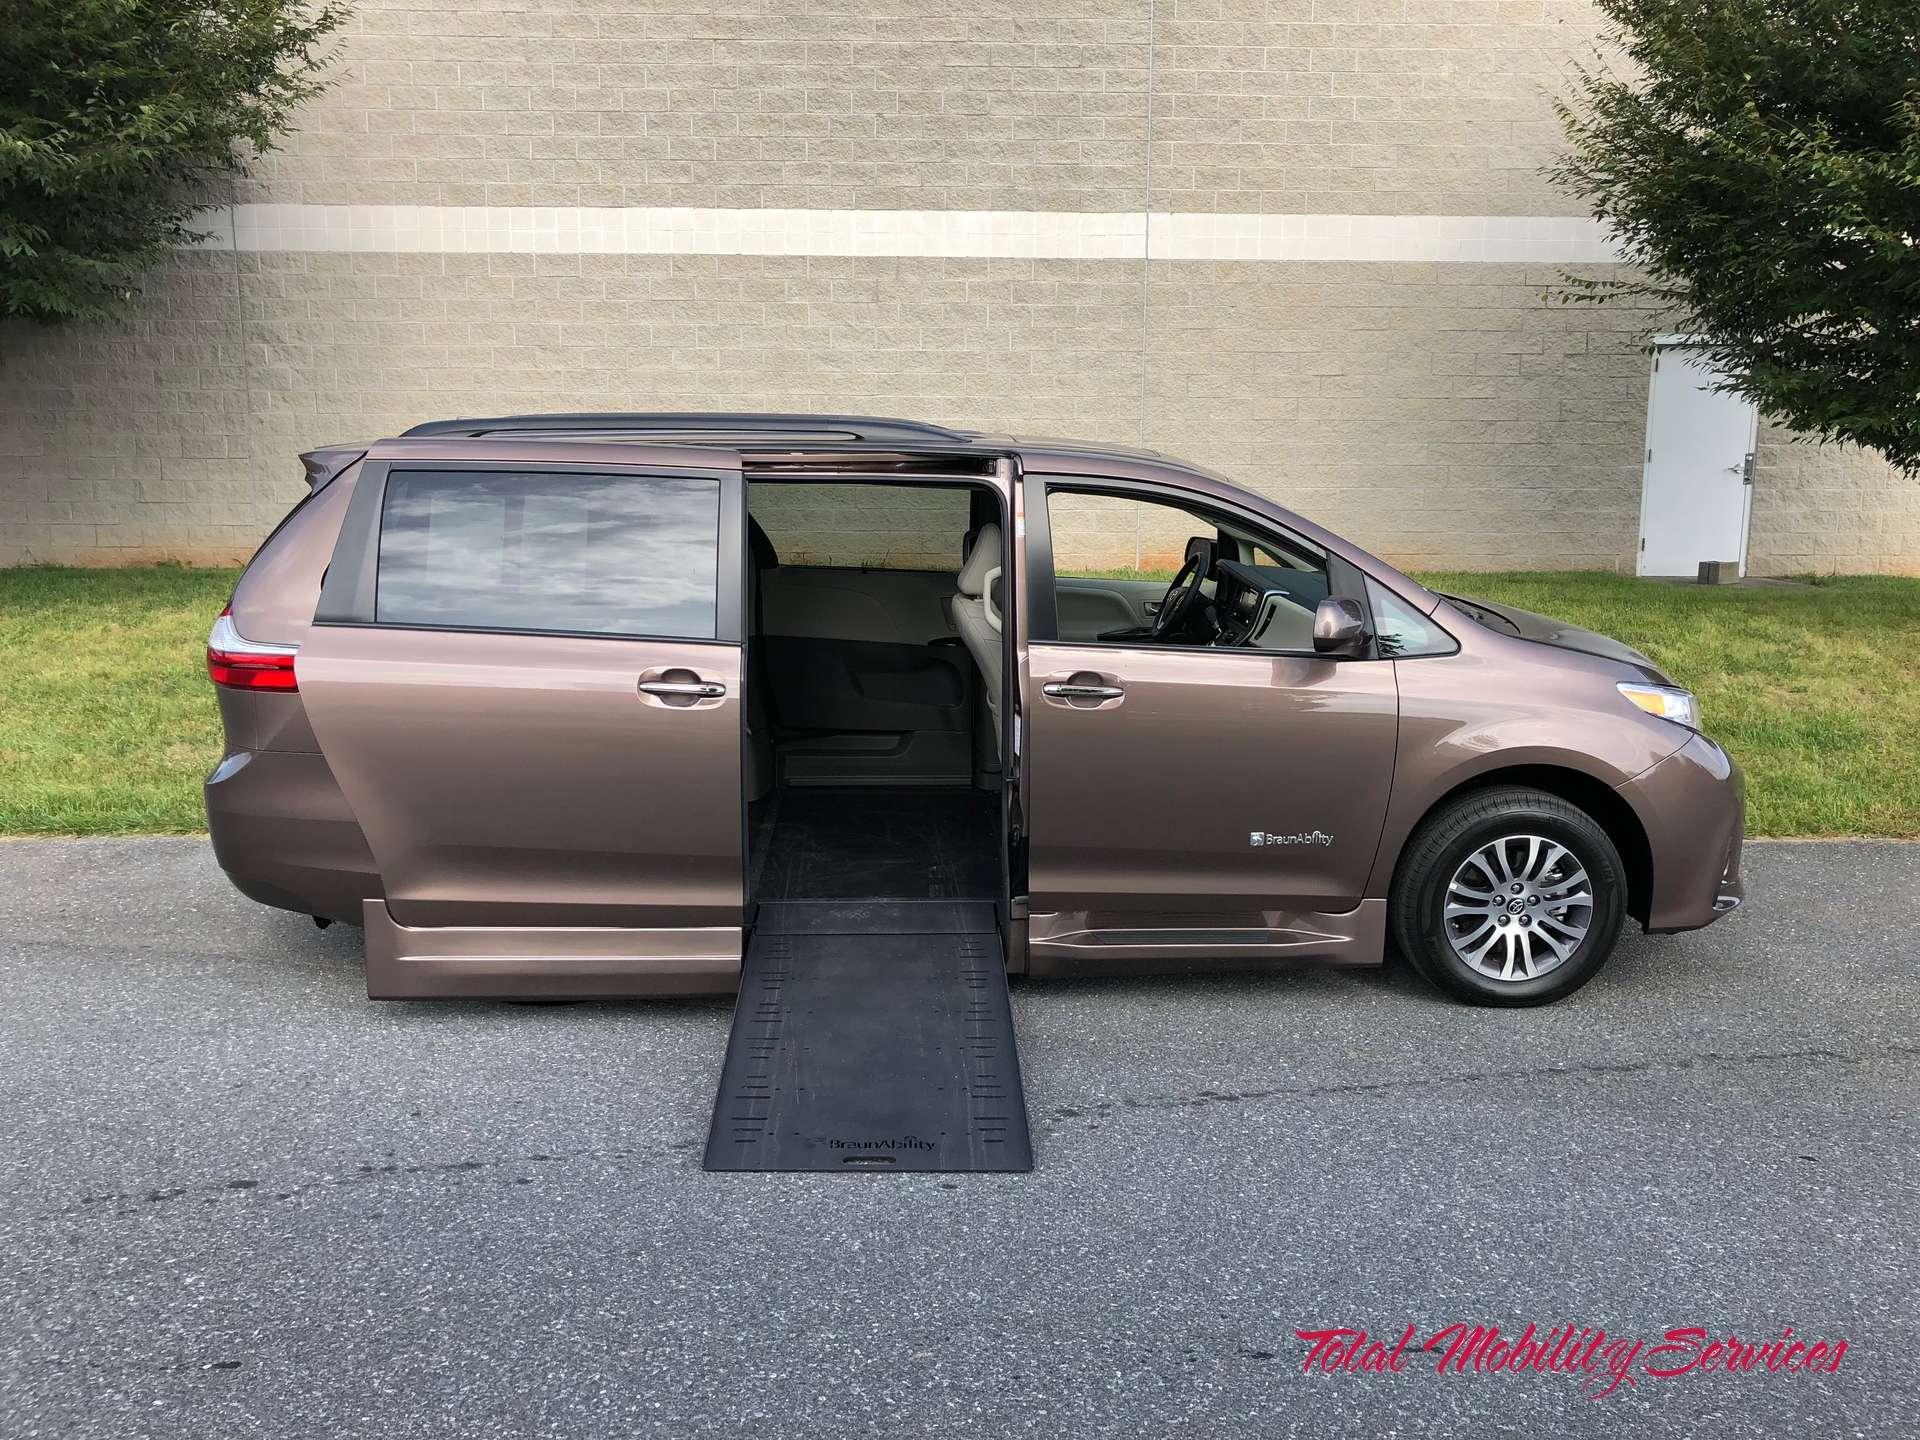 Toyota Sienna Service Manual: Receiver Error